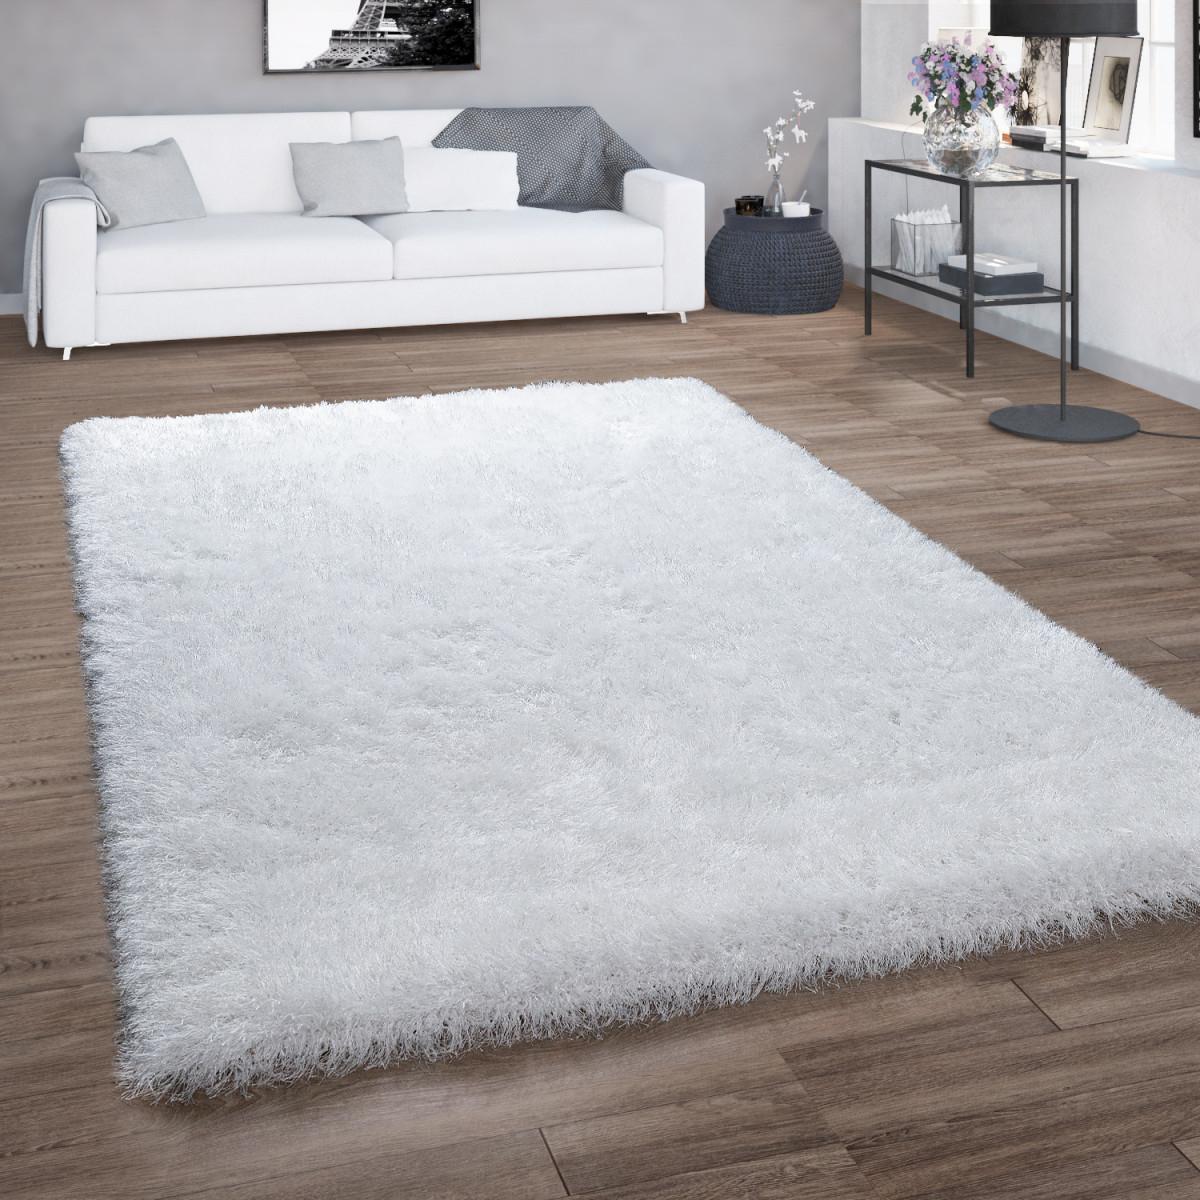 Hochflorteppich Shaggy Für Wohnzimmer Mit Glitzergarn Einfarbig In Weiß von Wohnzimmer Teppich Groß Bild